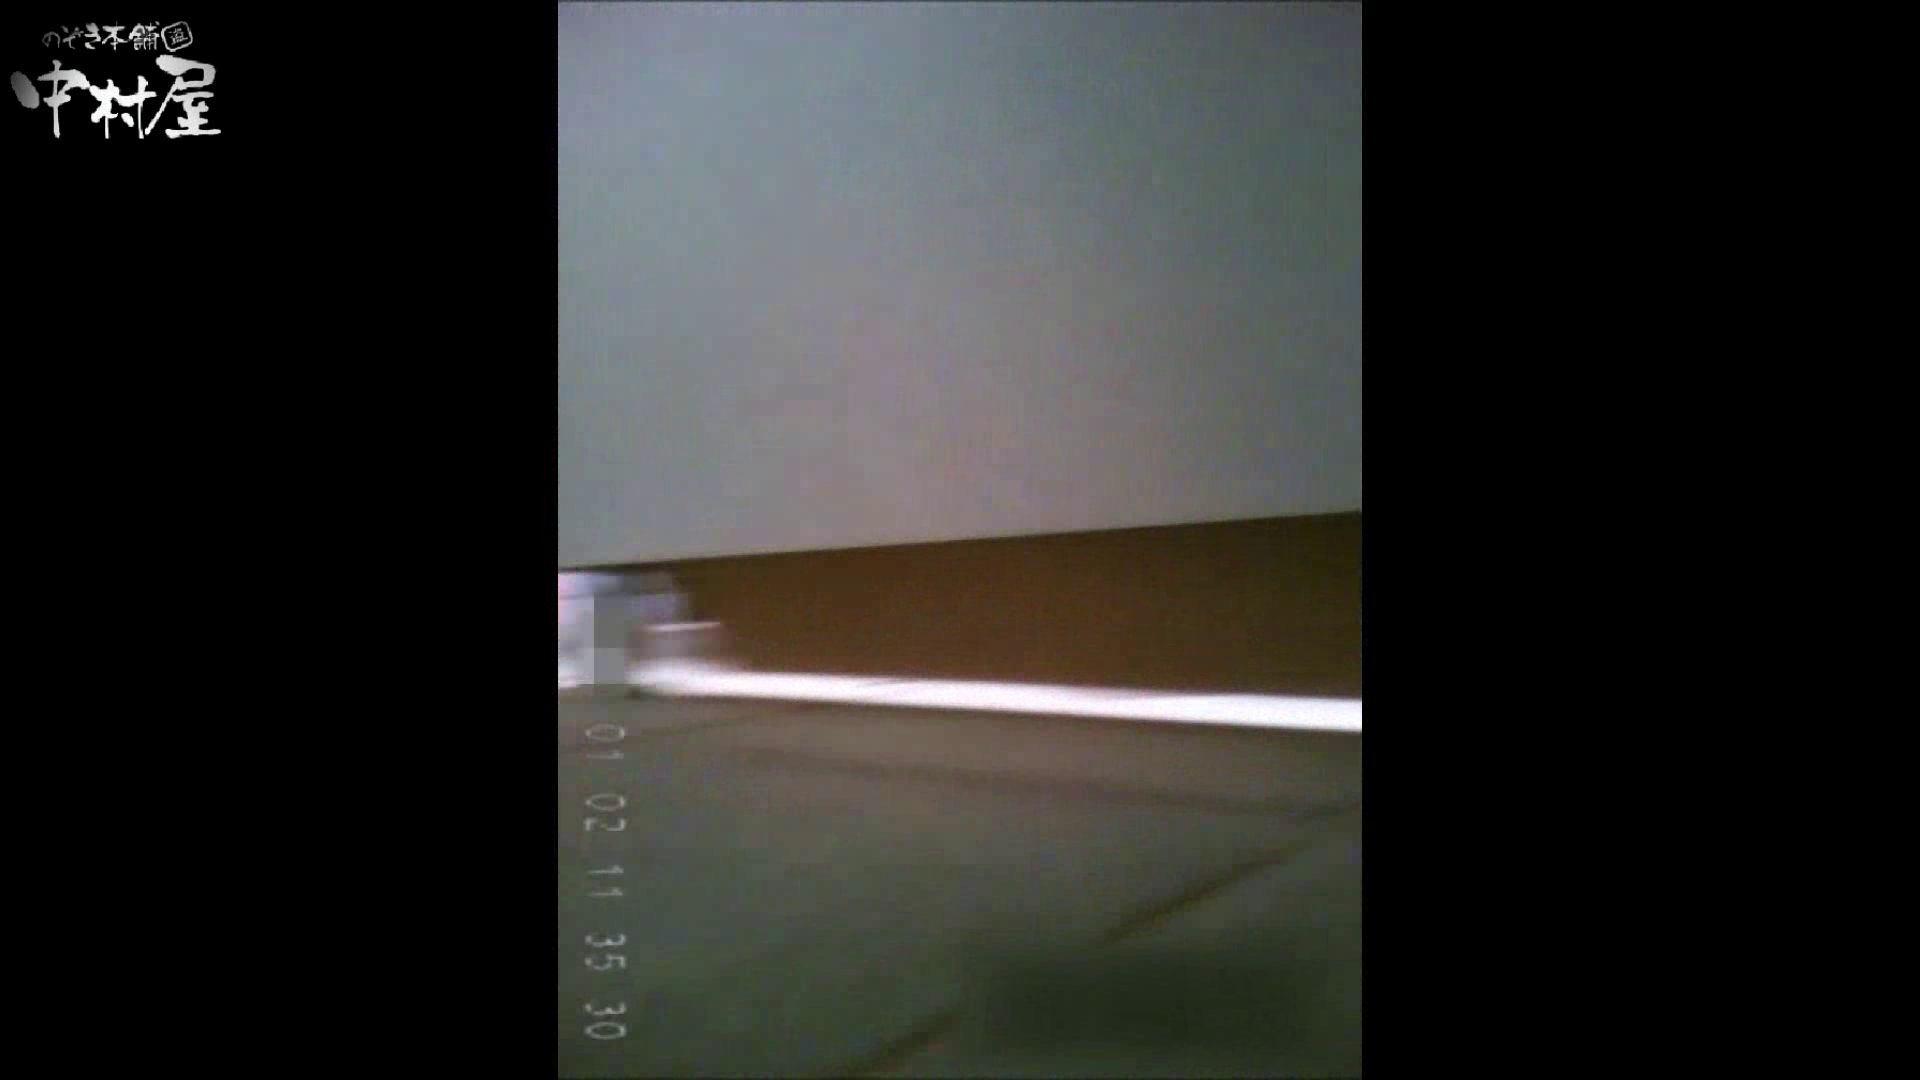 雅さんが厳選年末特別コンテンツ!激走!東京マラソン選手専用女子トイレvol.4 トイレ  91画像 66